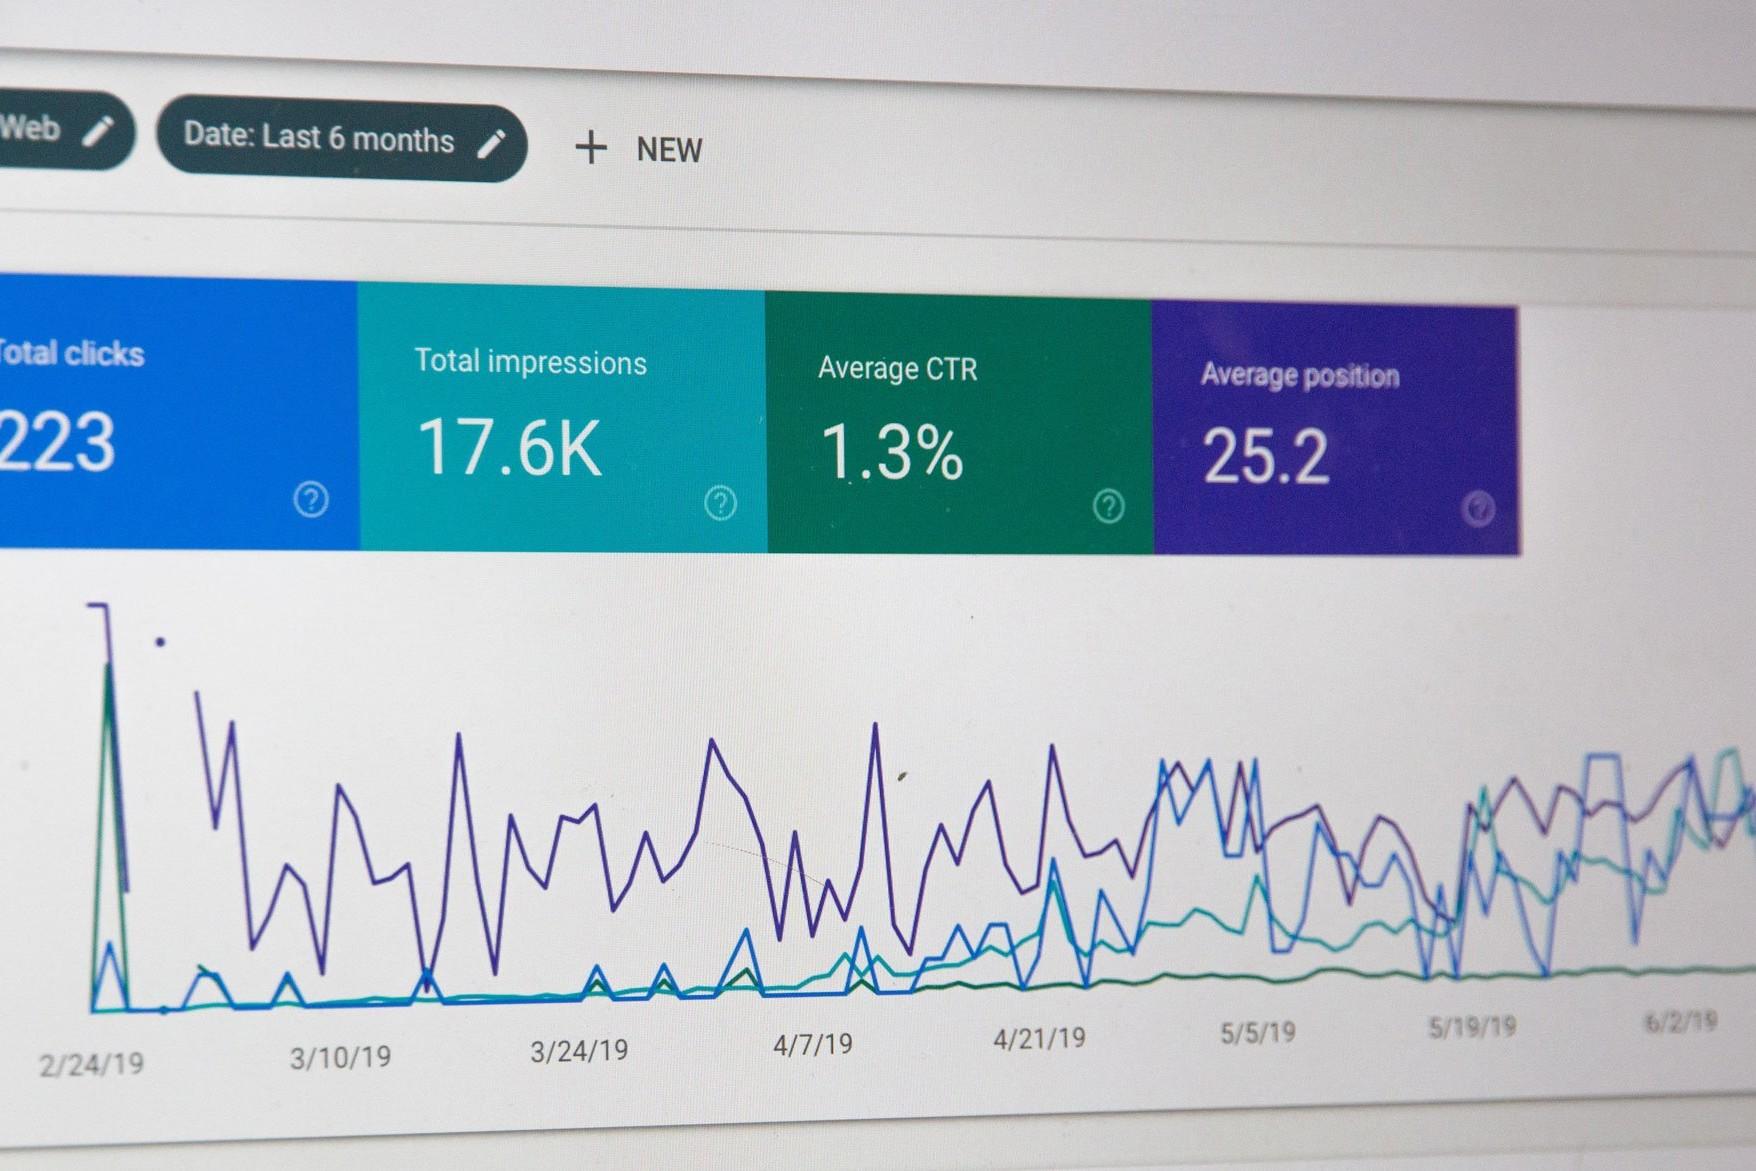 CTR-Optimierung: So steigert ihr die Klickraten bei Google 1